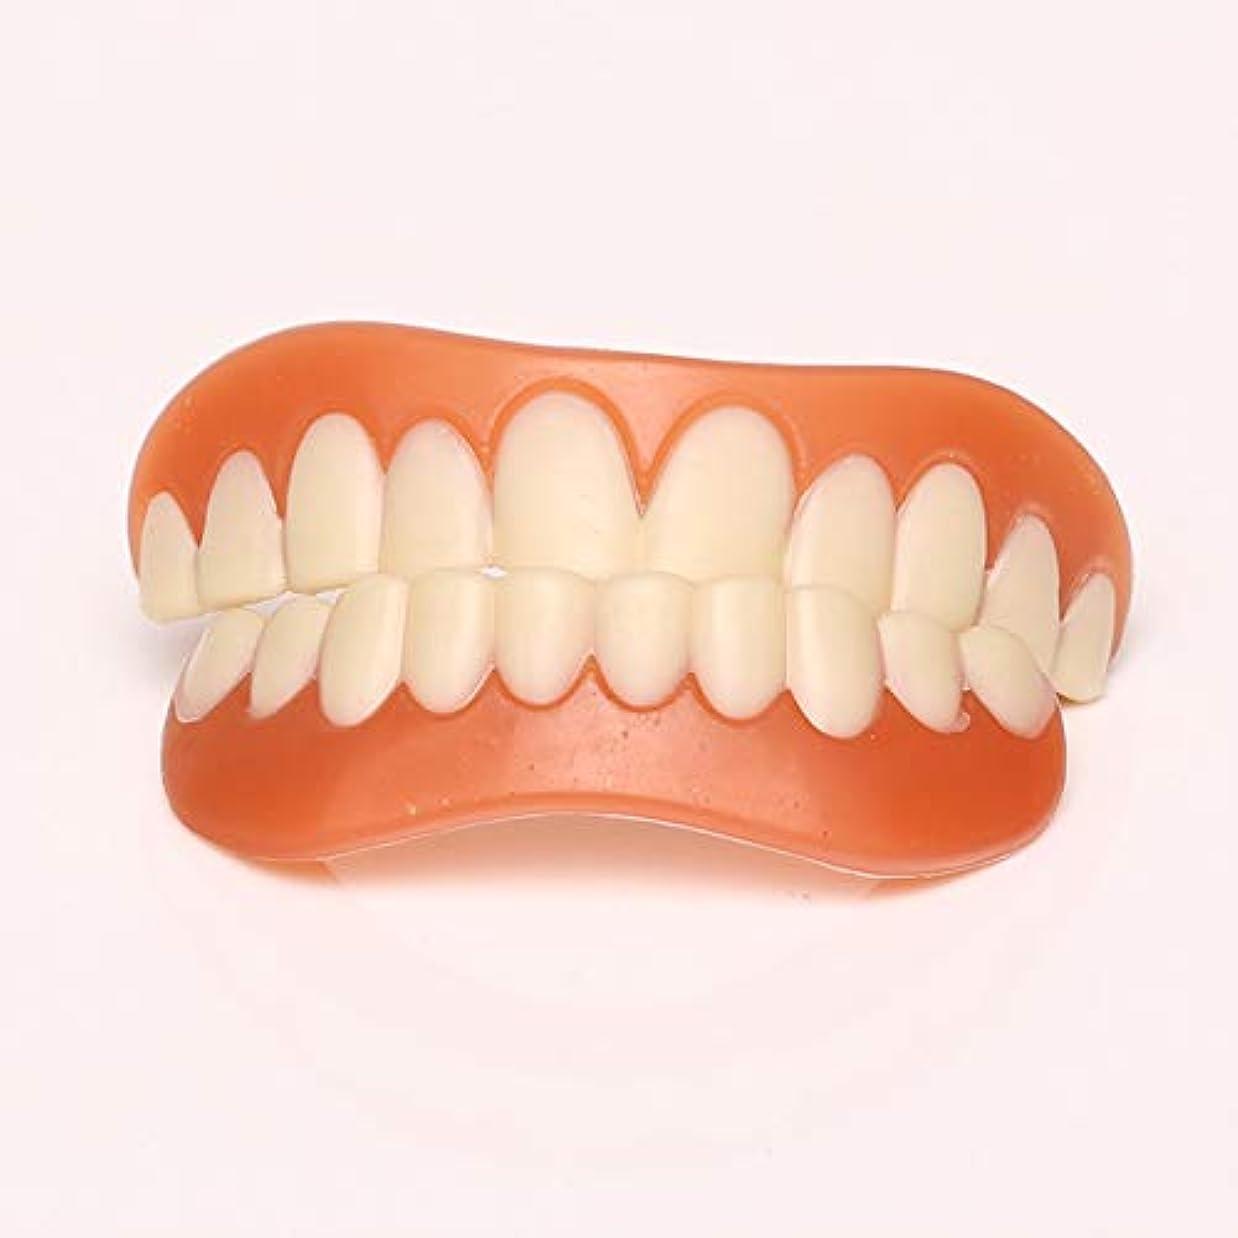 対人コンサルタント期待して化粧品の歯、白い歯をきれいにするための快適なフィットフレックス歯ソケット、化粧品の歯義歯の歯のトップ化粧品、5セット